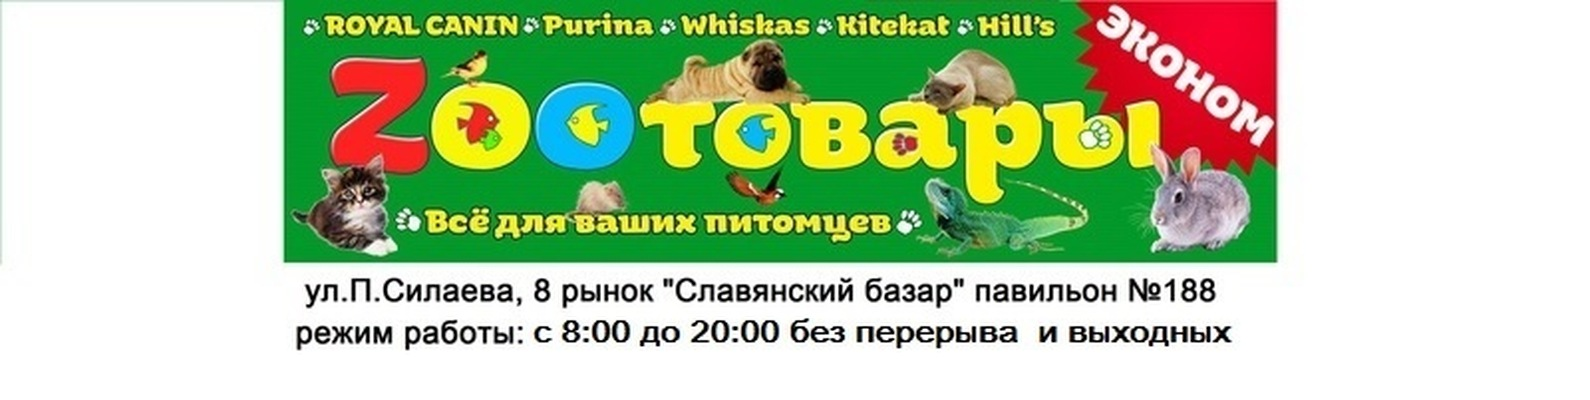 Royal Canin консервы для кошек и собак диета Рекавери 195